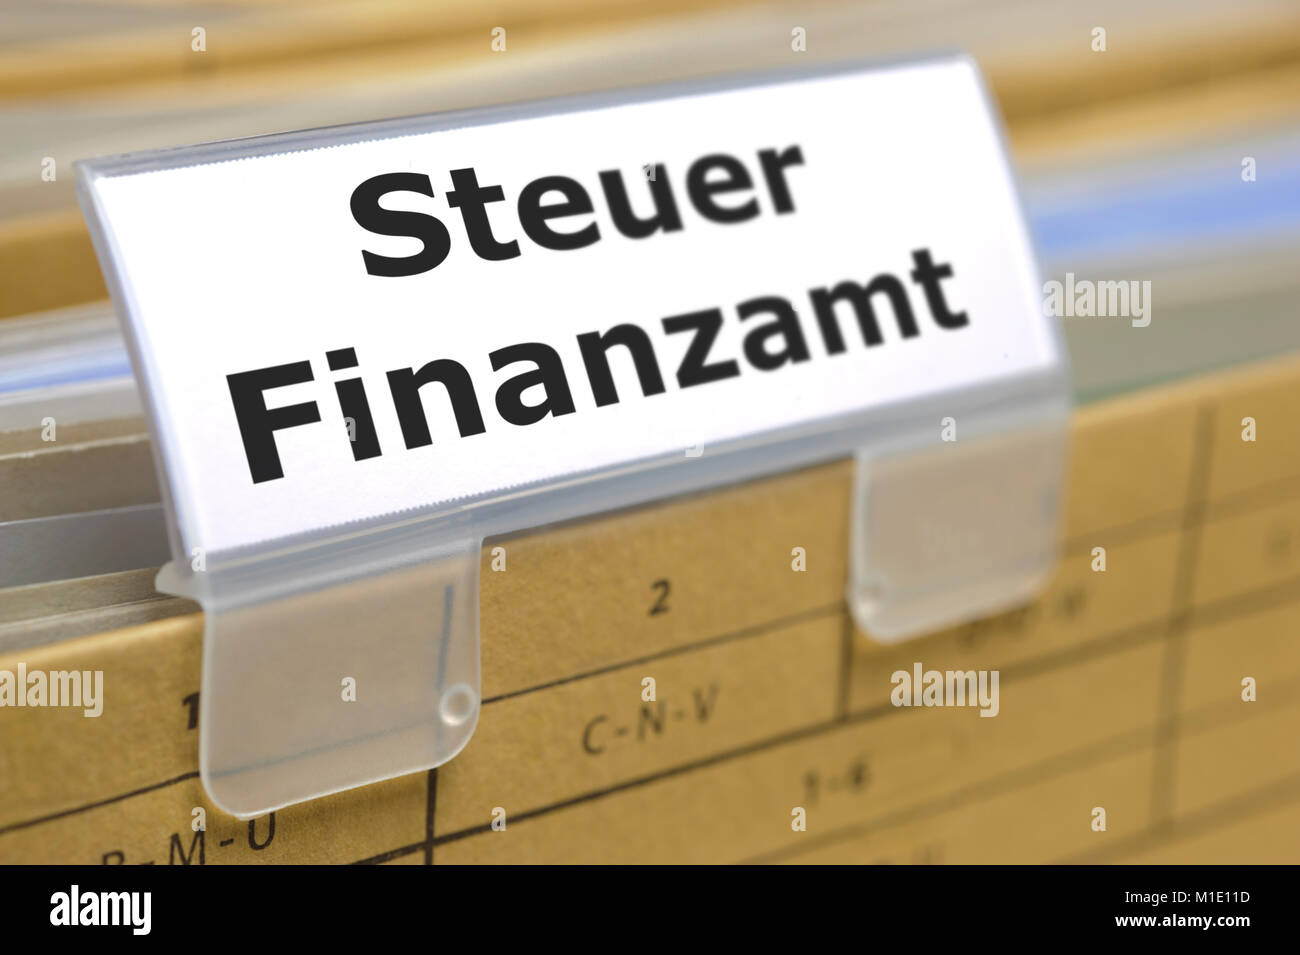 Hängeordner mit Reiter Steuer Finanzamt Stock Photo